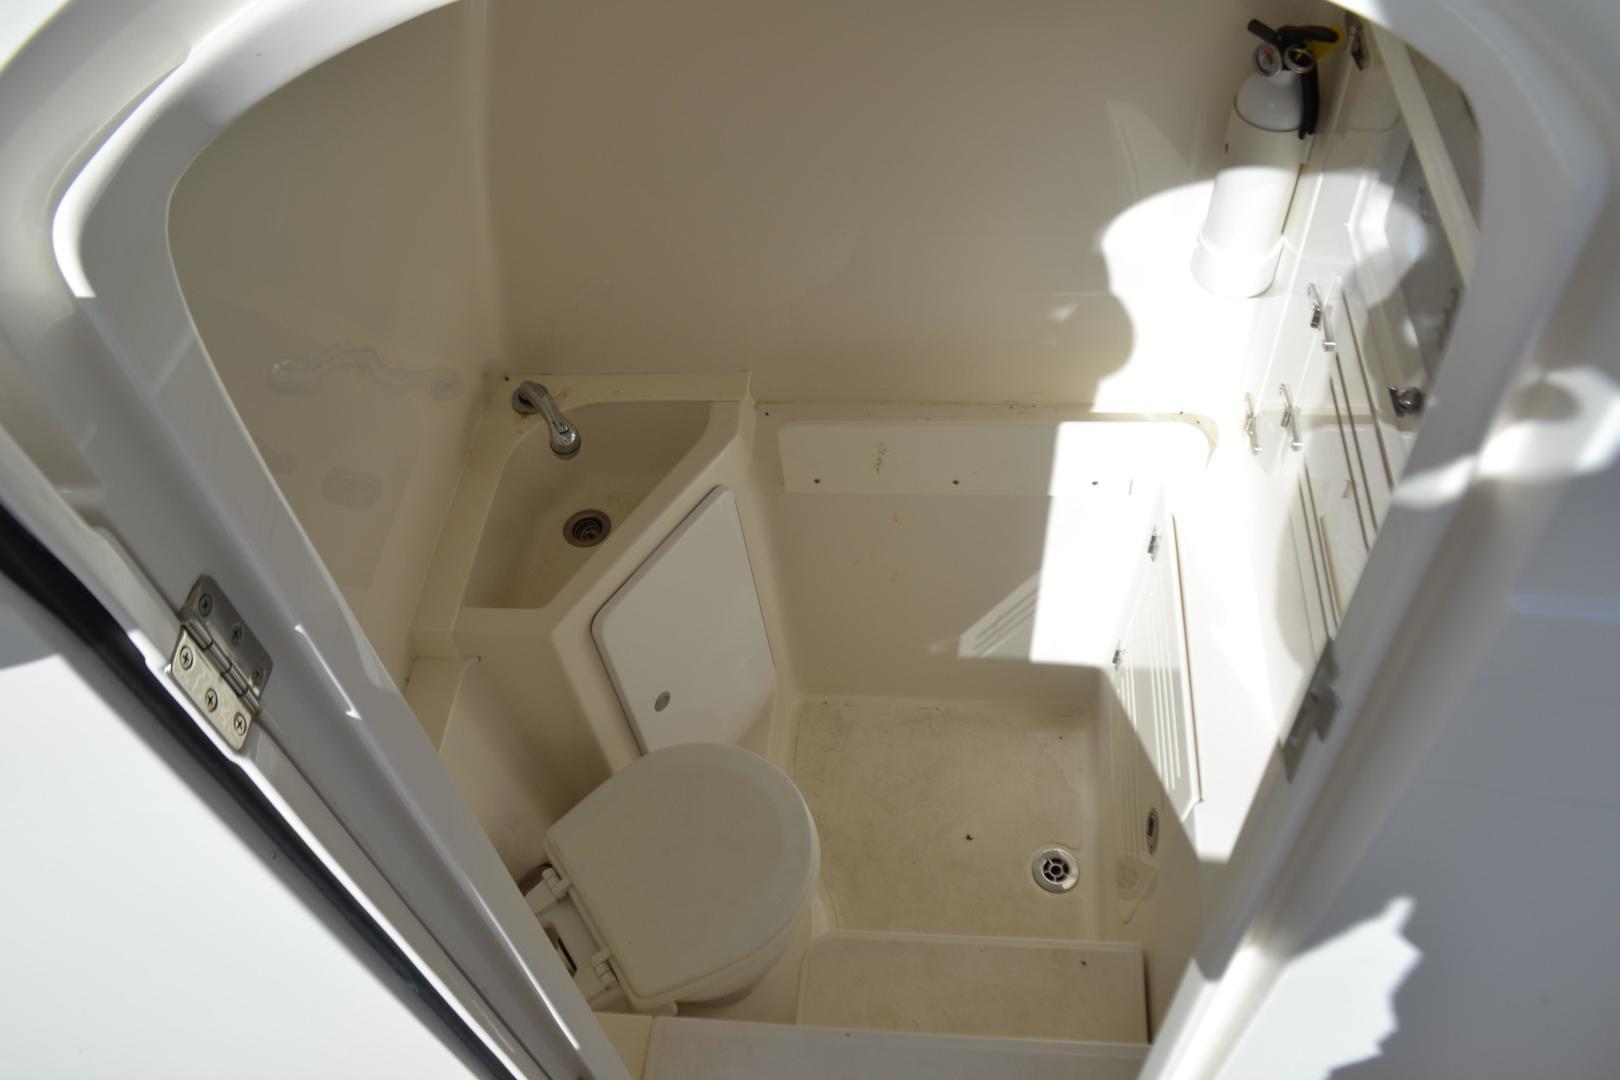 Head, Sink, Breaker Panel